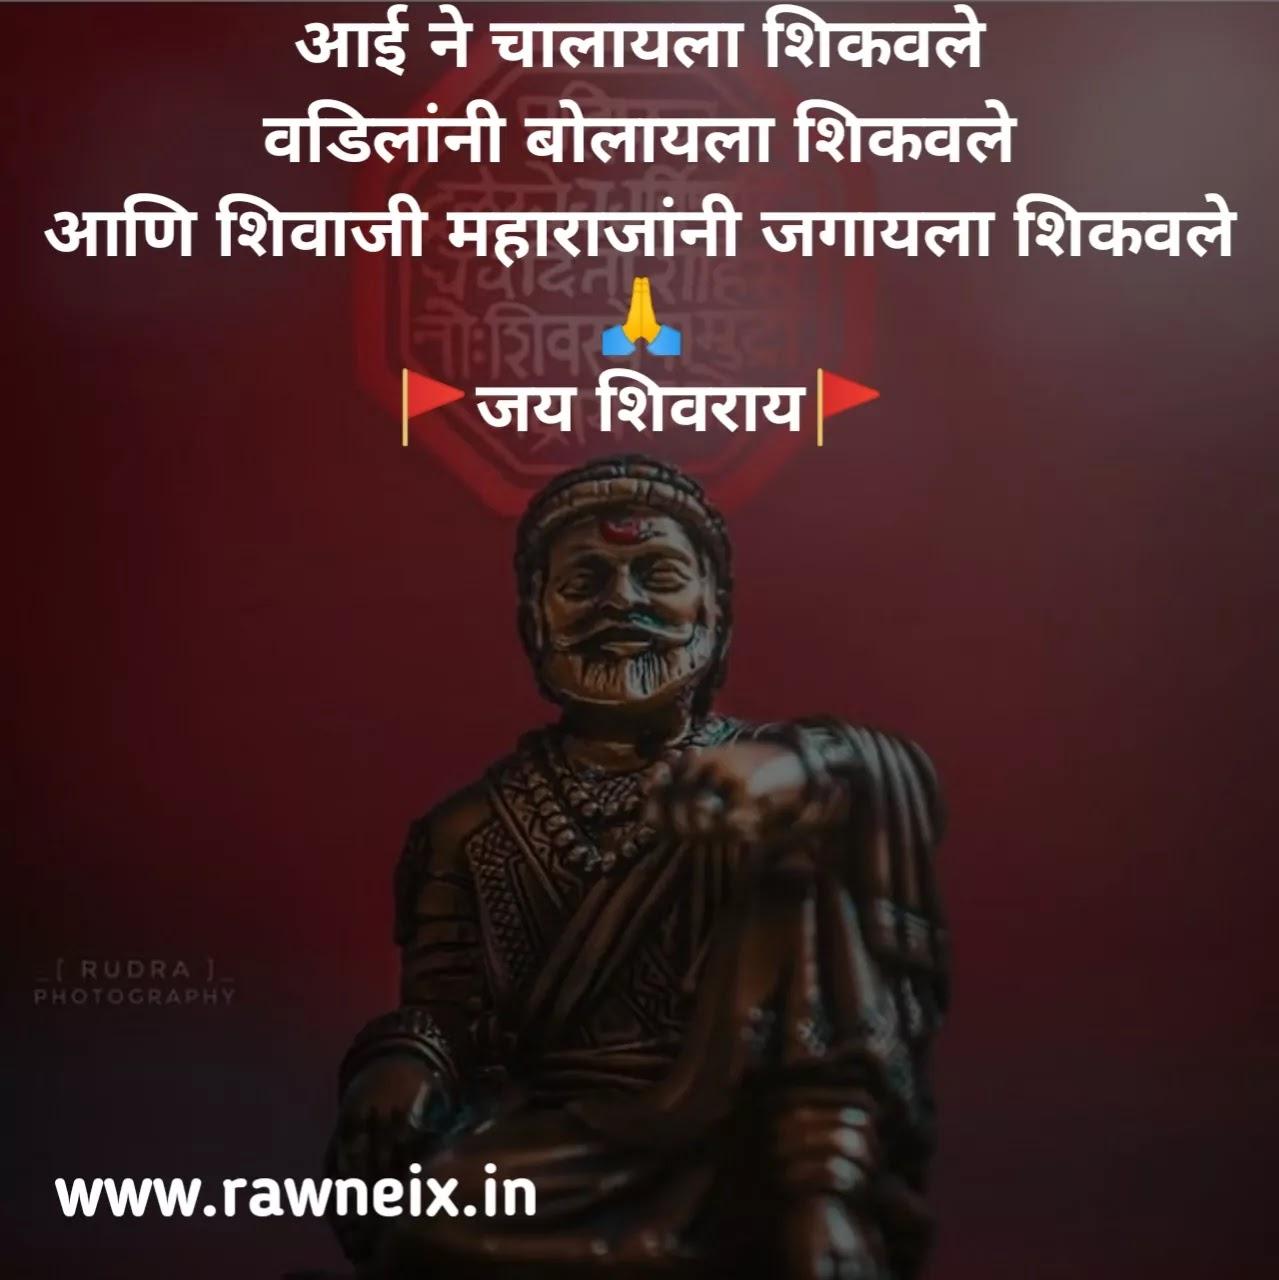 Shiv Jayanti Status In Marathi - Shivaji Maharaj Jayanti Quotes In Marathi